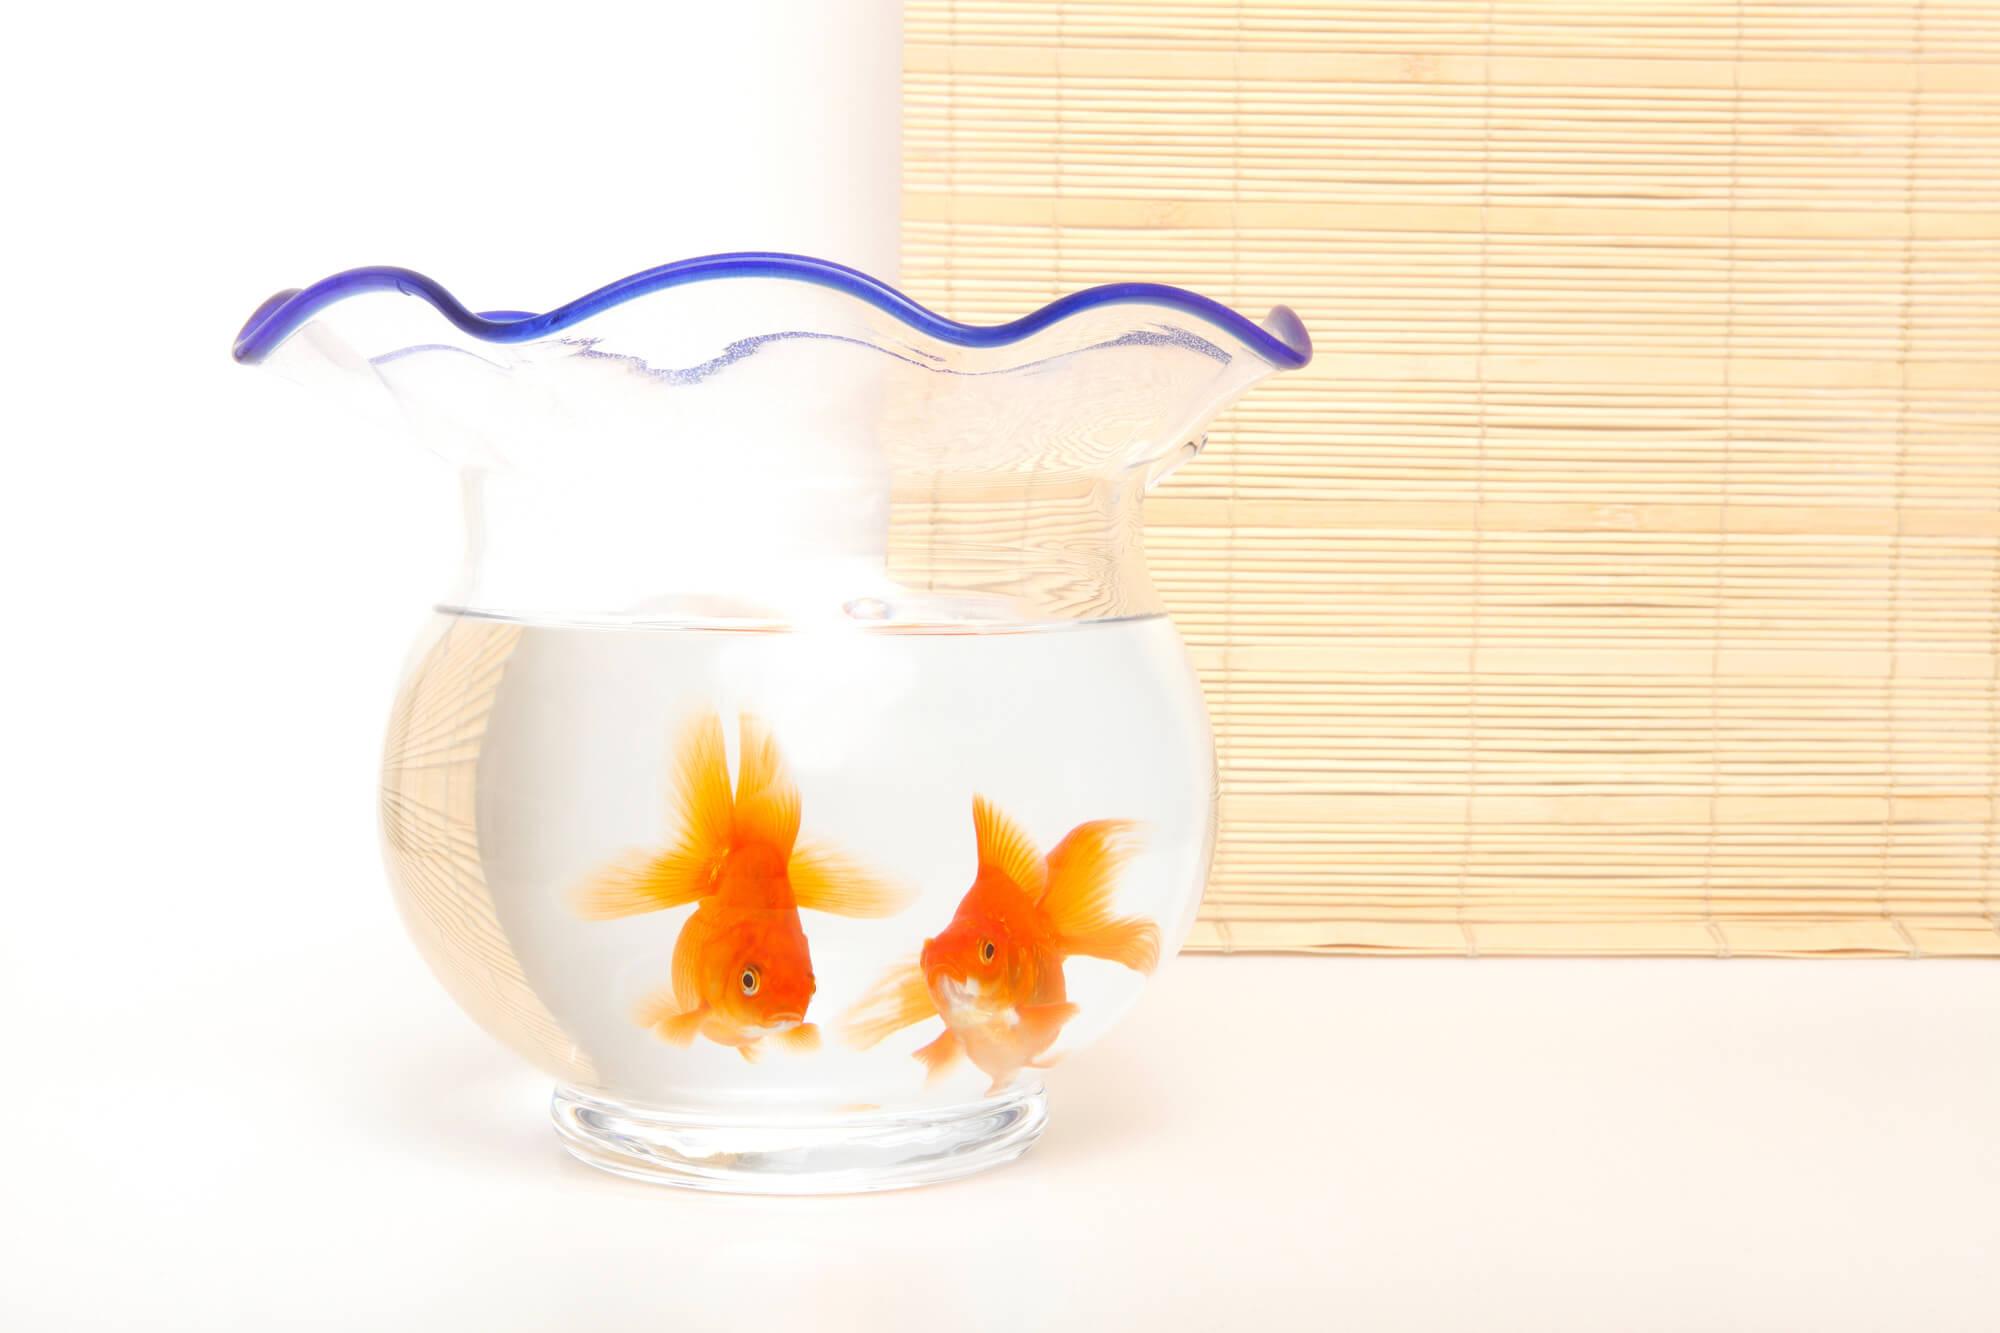 金魚のオスとメス